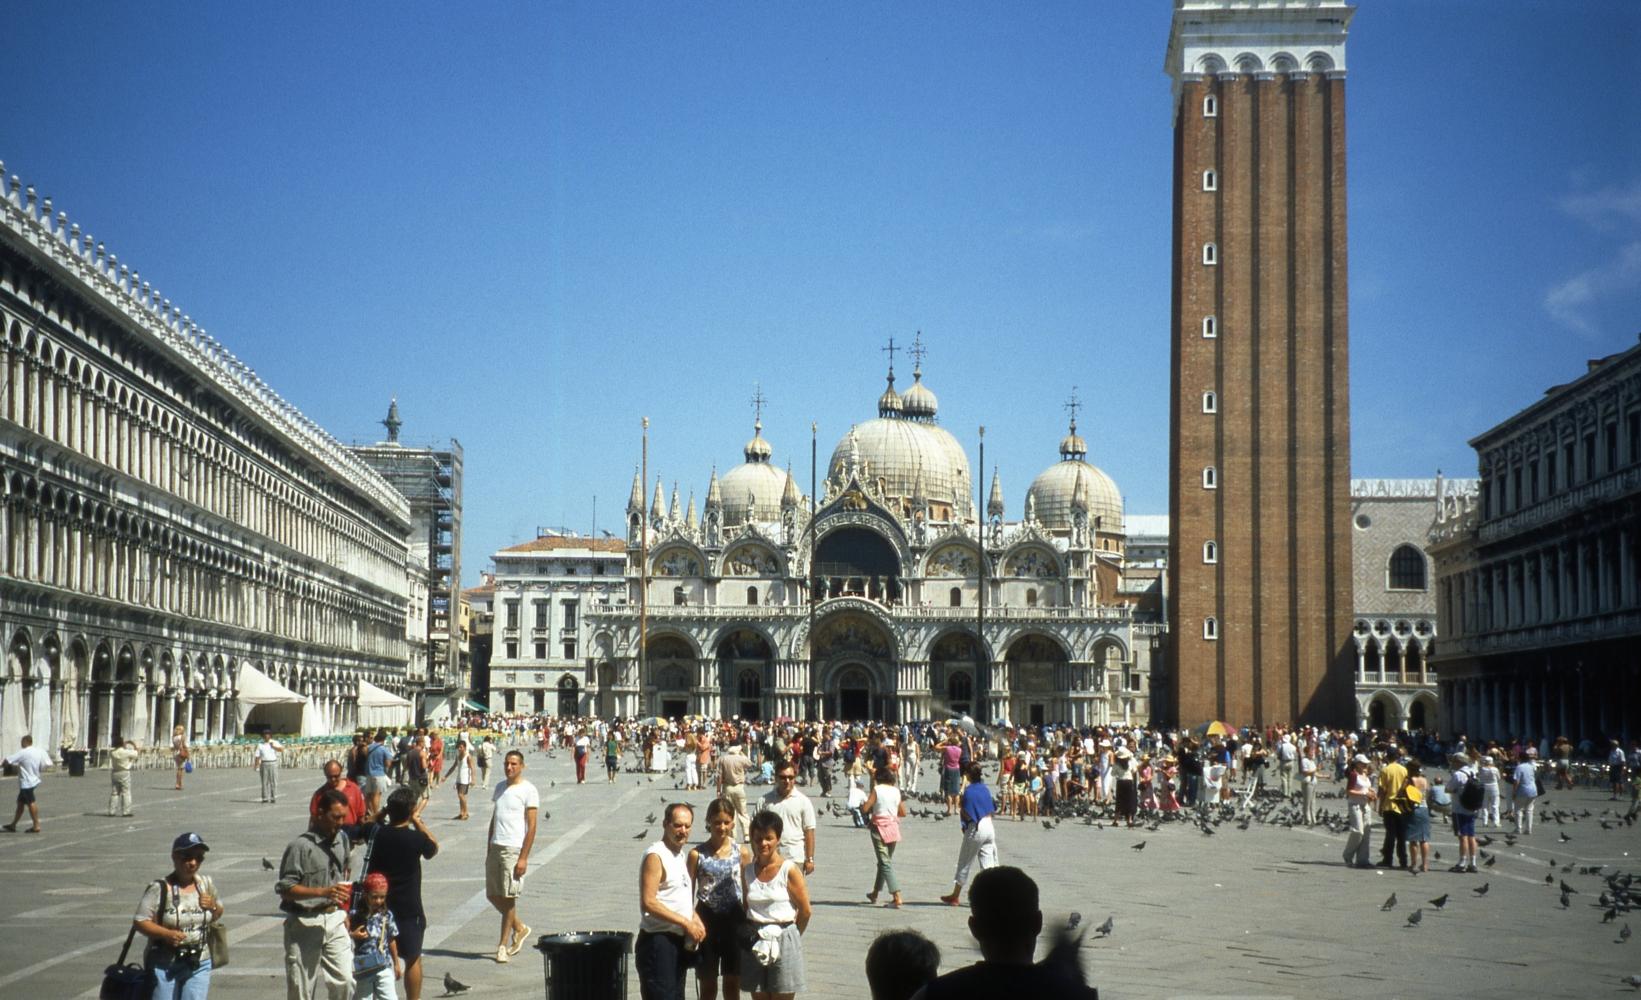 Площадь Сан-Марко, вид на собор св. Марка